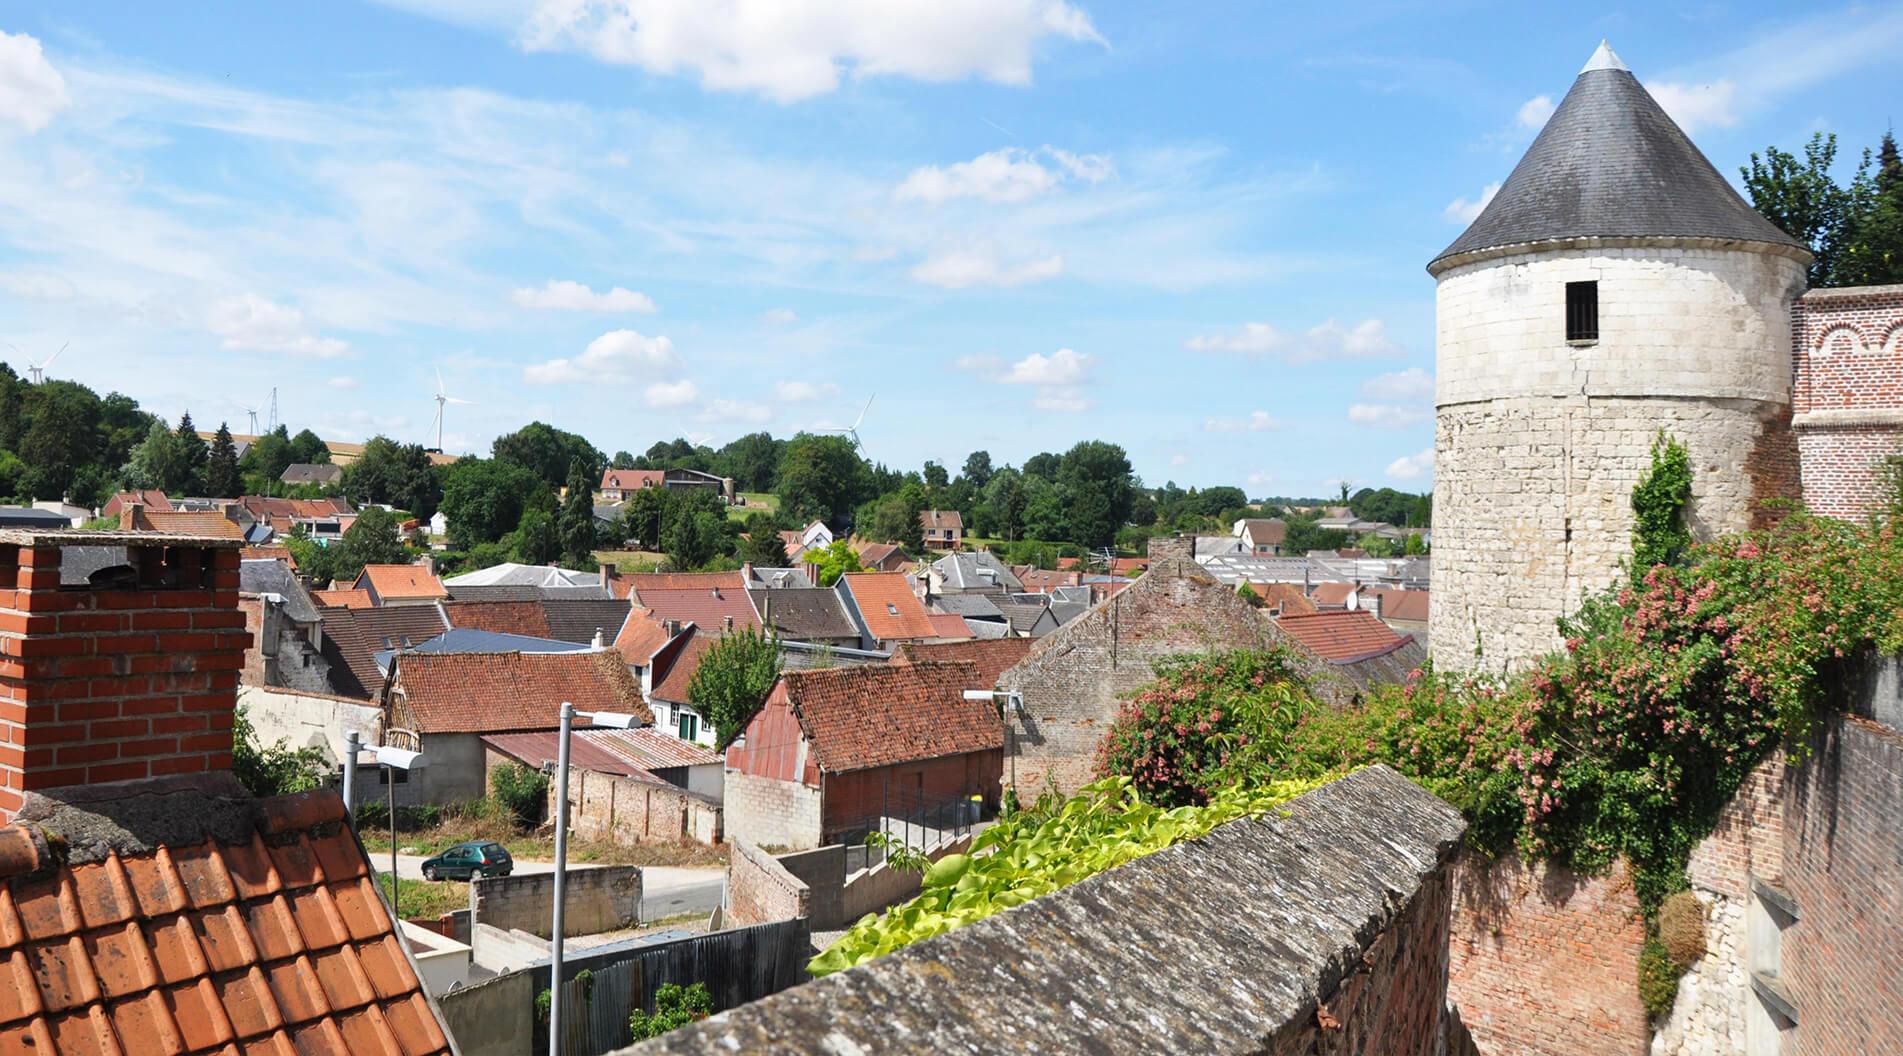 Bandeau village